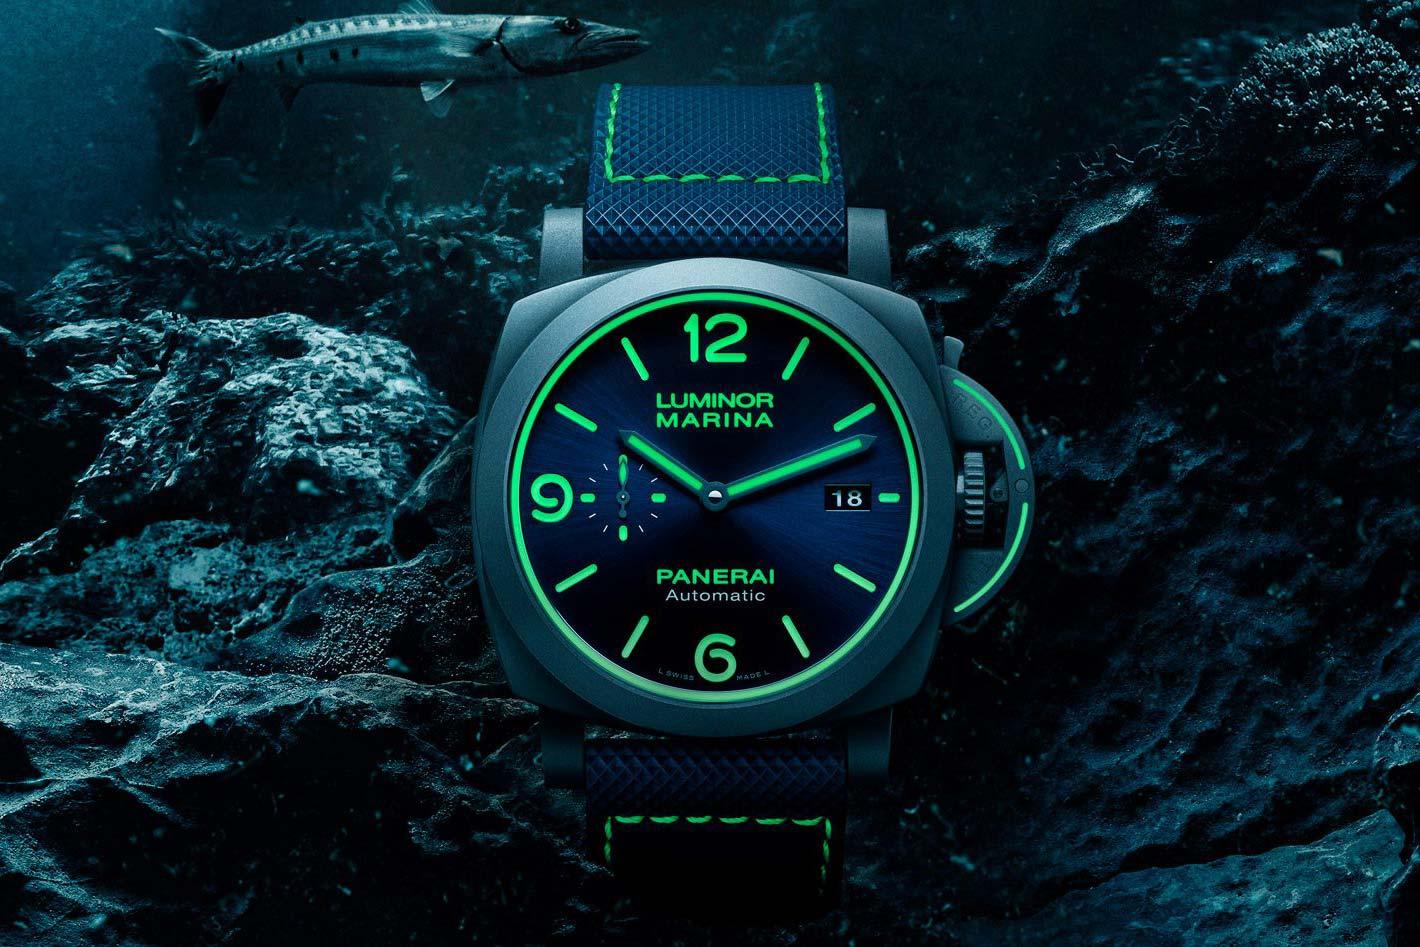 Watches & Wonders 2020 – The year of Luminor